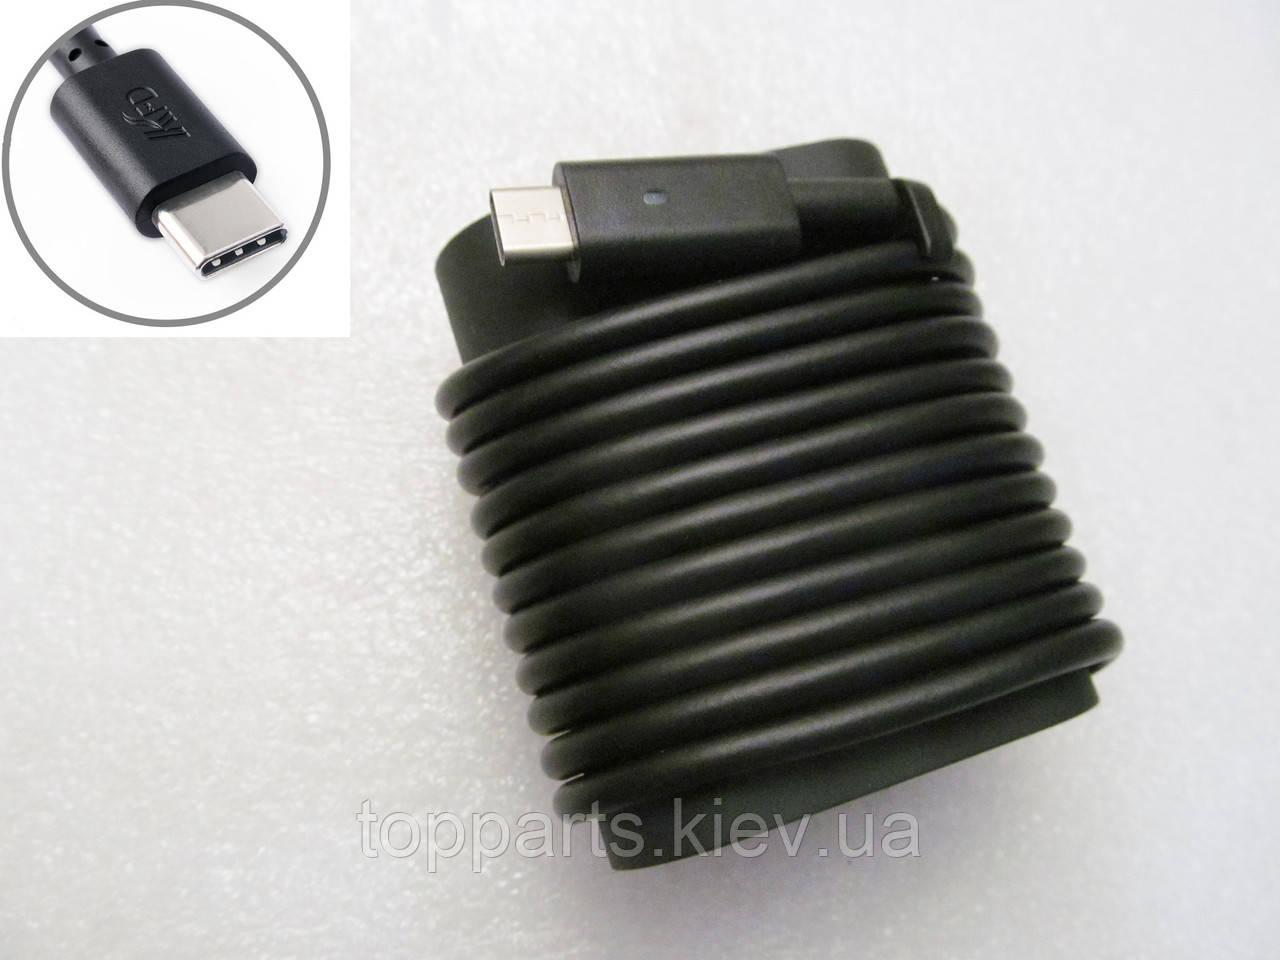 Блок питания Dell 30W DA30NM150 oval-корпус 20V, 1.5A + 12V, 2A + 5V,